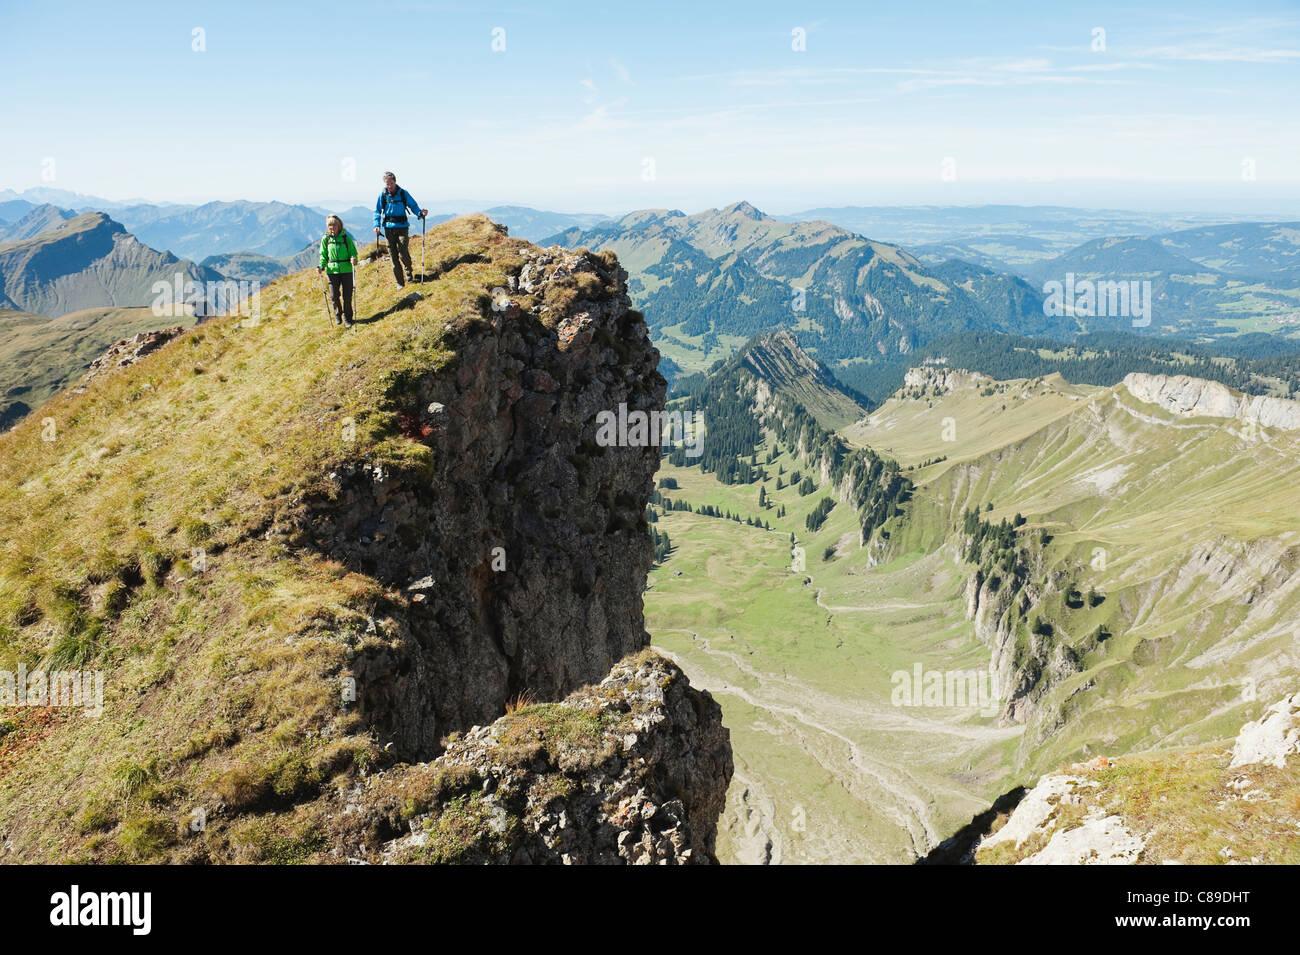 Österreich, Kleinwalsertal, Mann und Frau Wandern am Rand der Klippe Stockbild